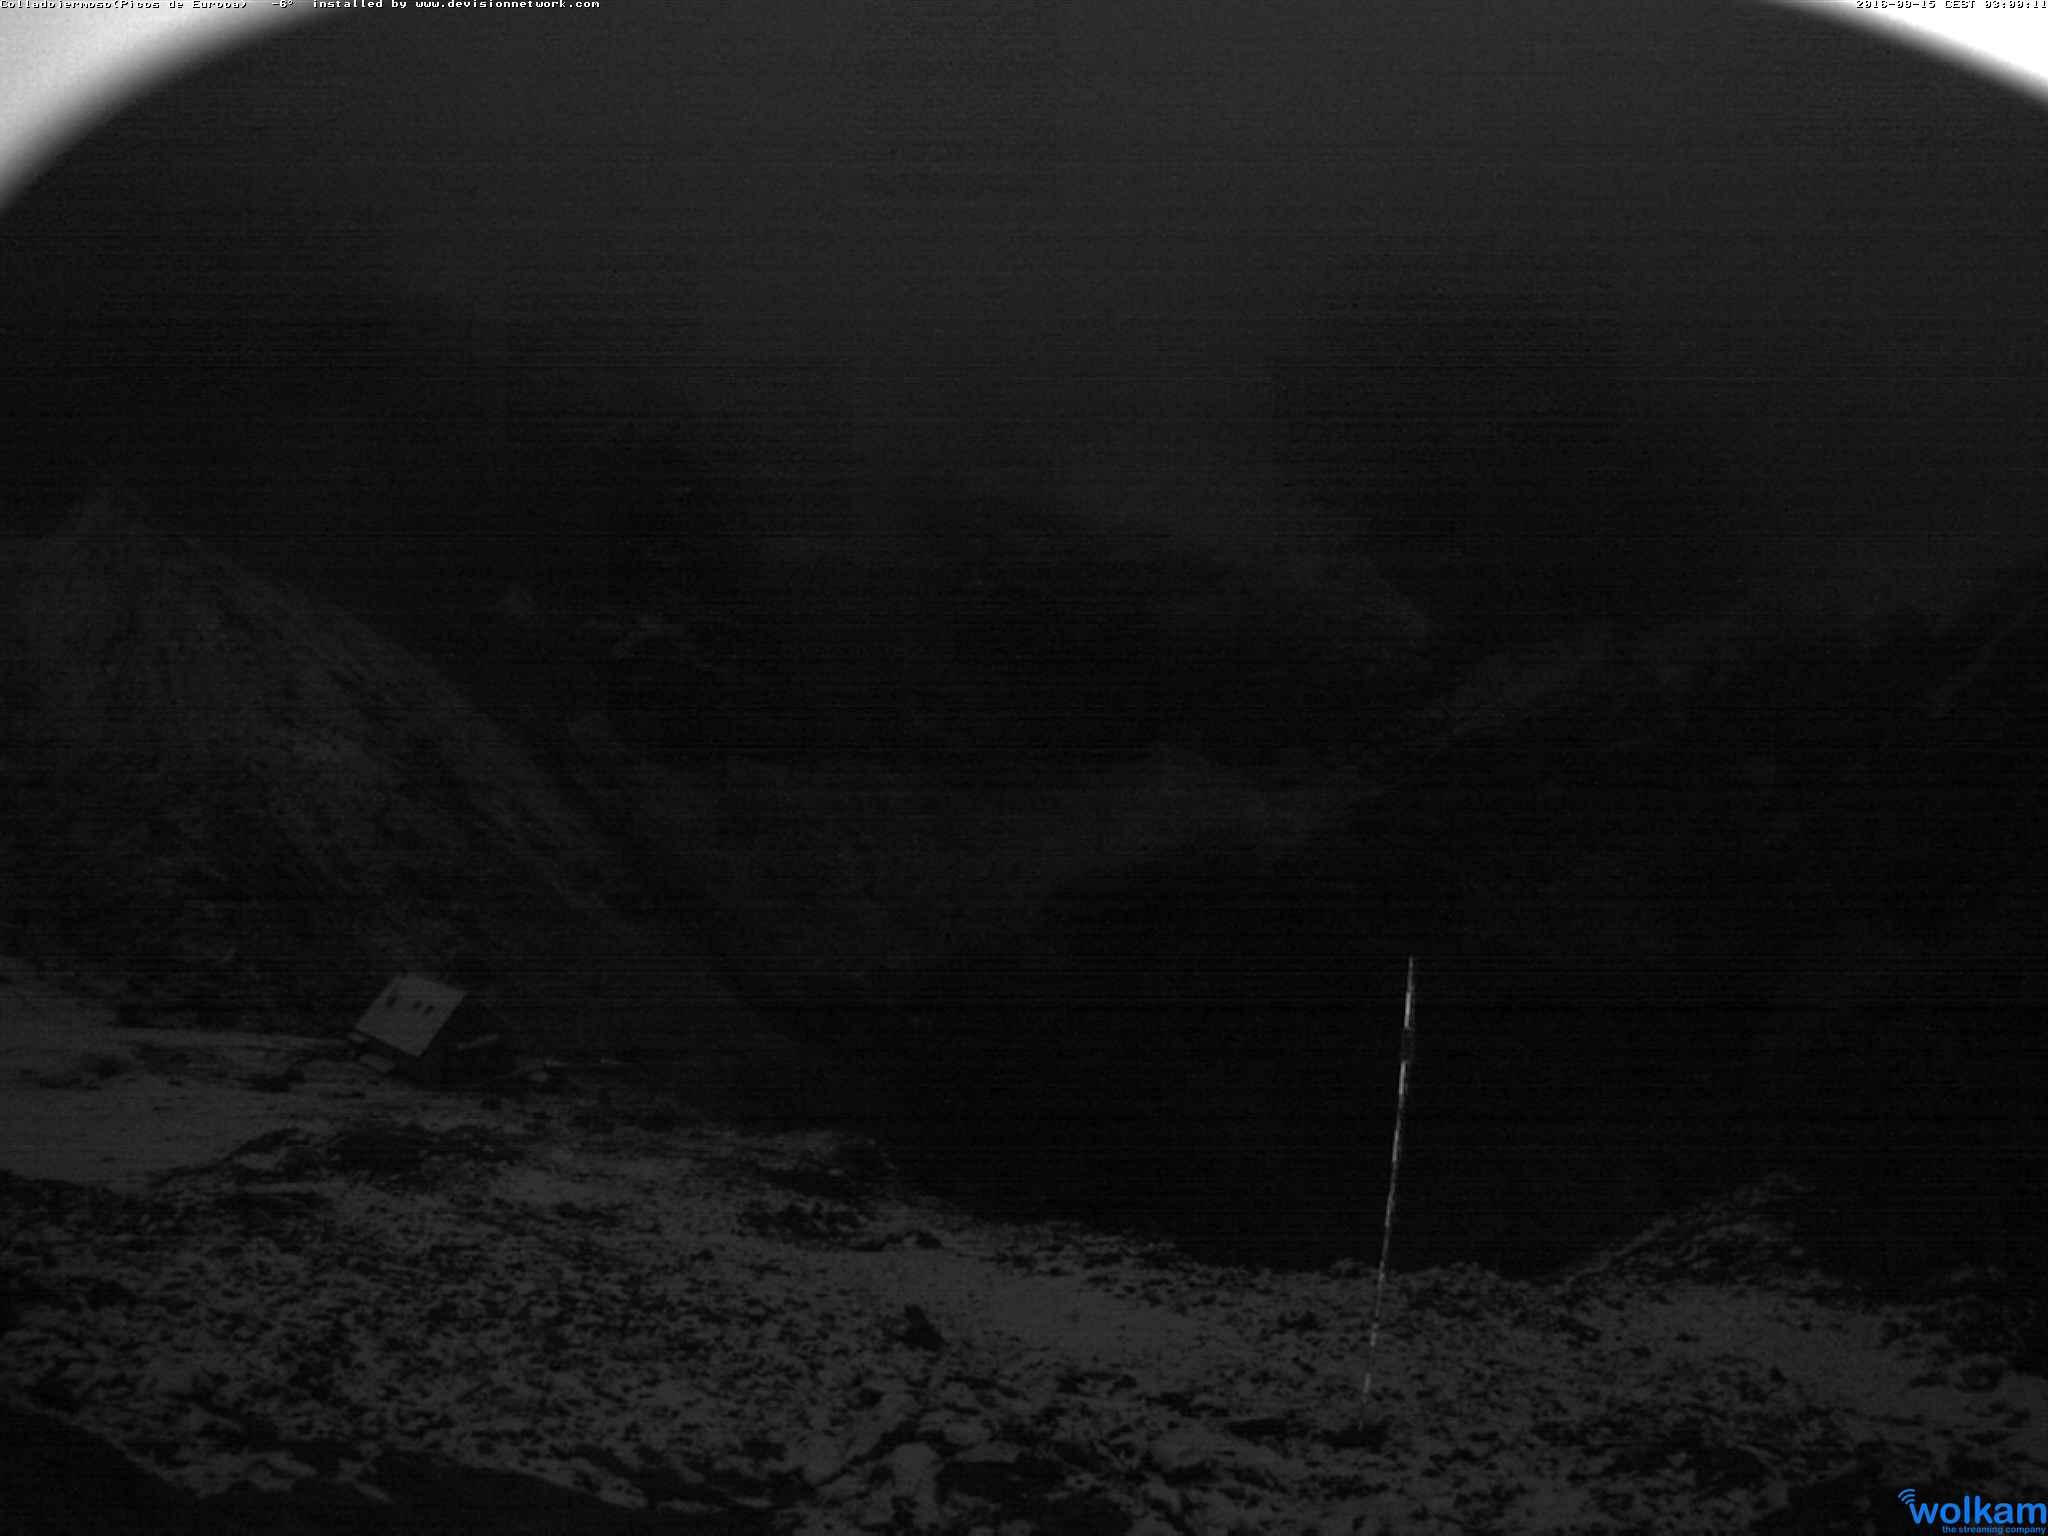 Nevadas veraniegas Webcam16091503